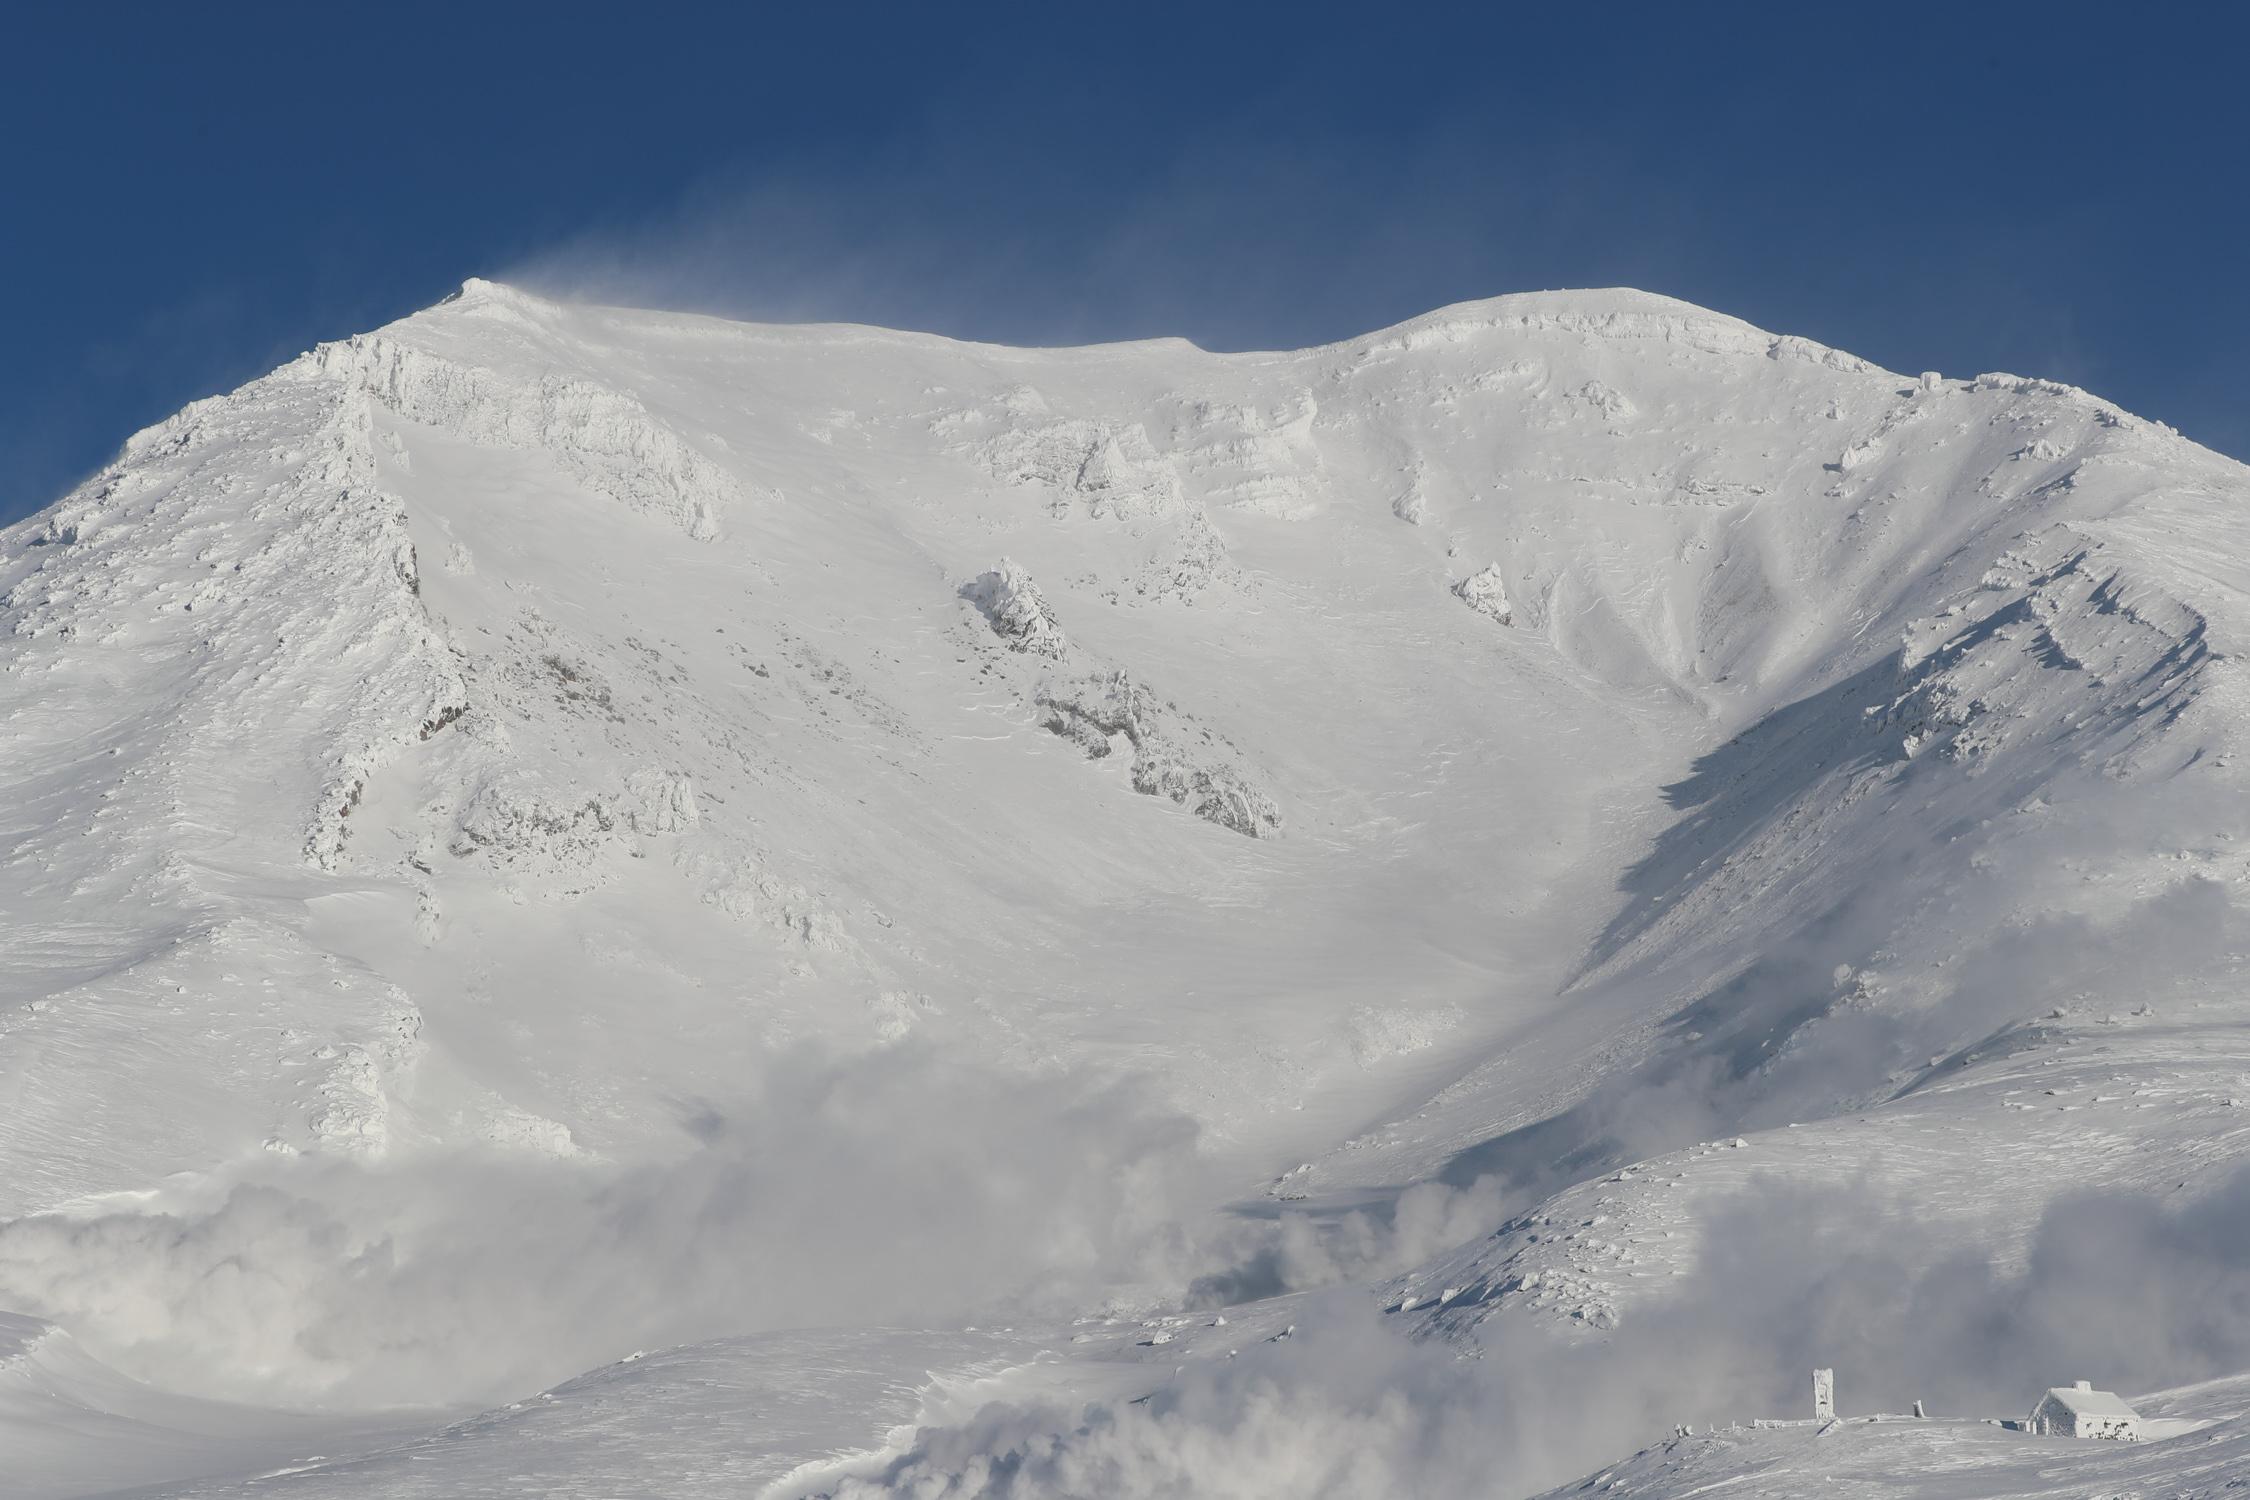 ちなみにドピーカンの「The Day」状態の旭岳はこんな感じ。2019年1月の写真です。